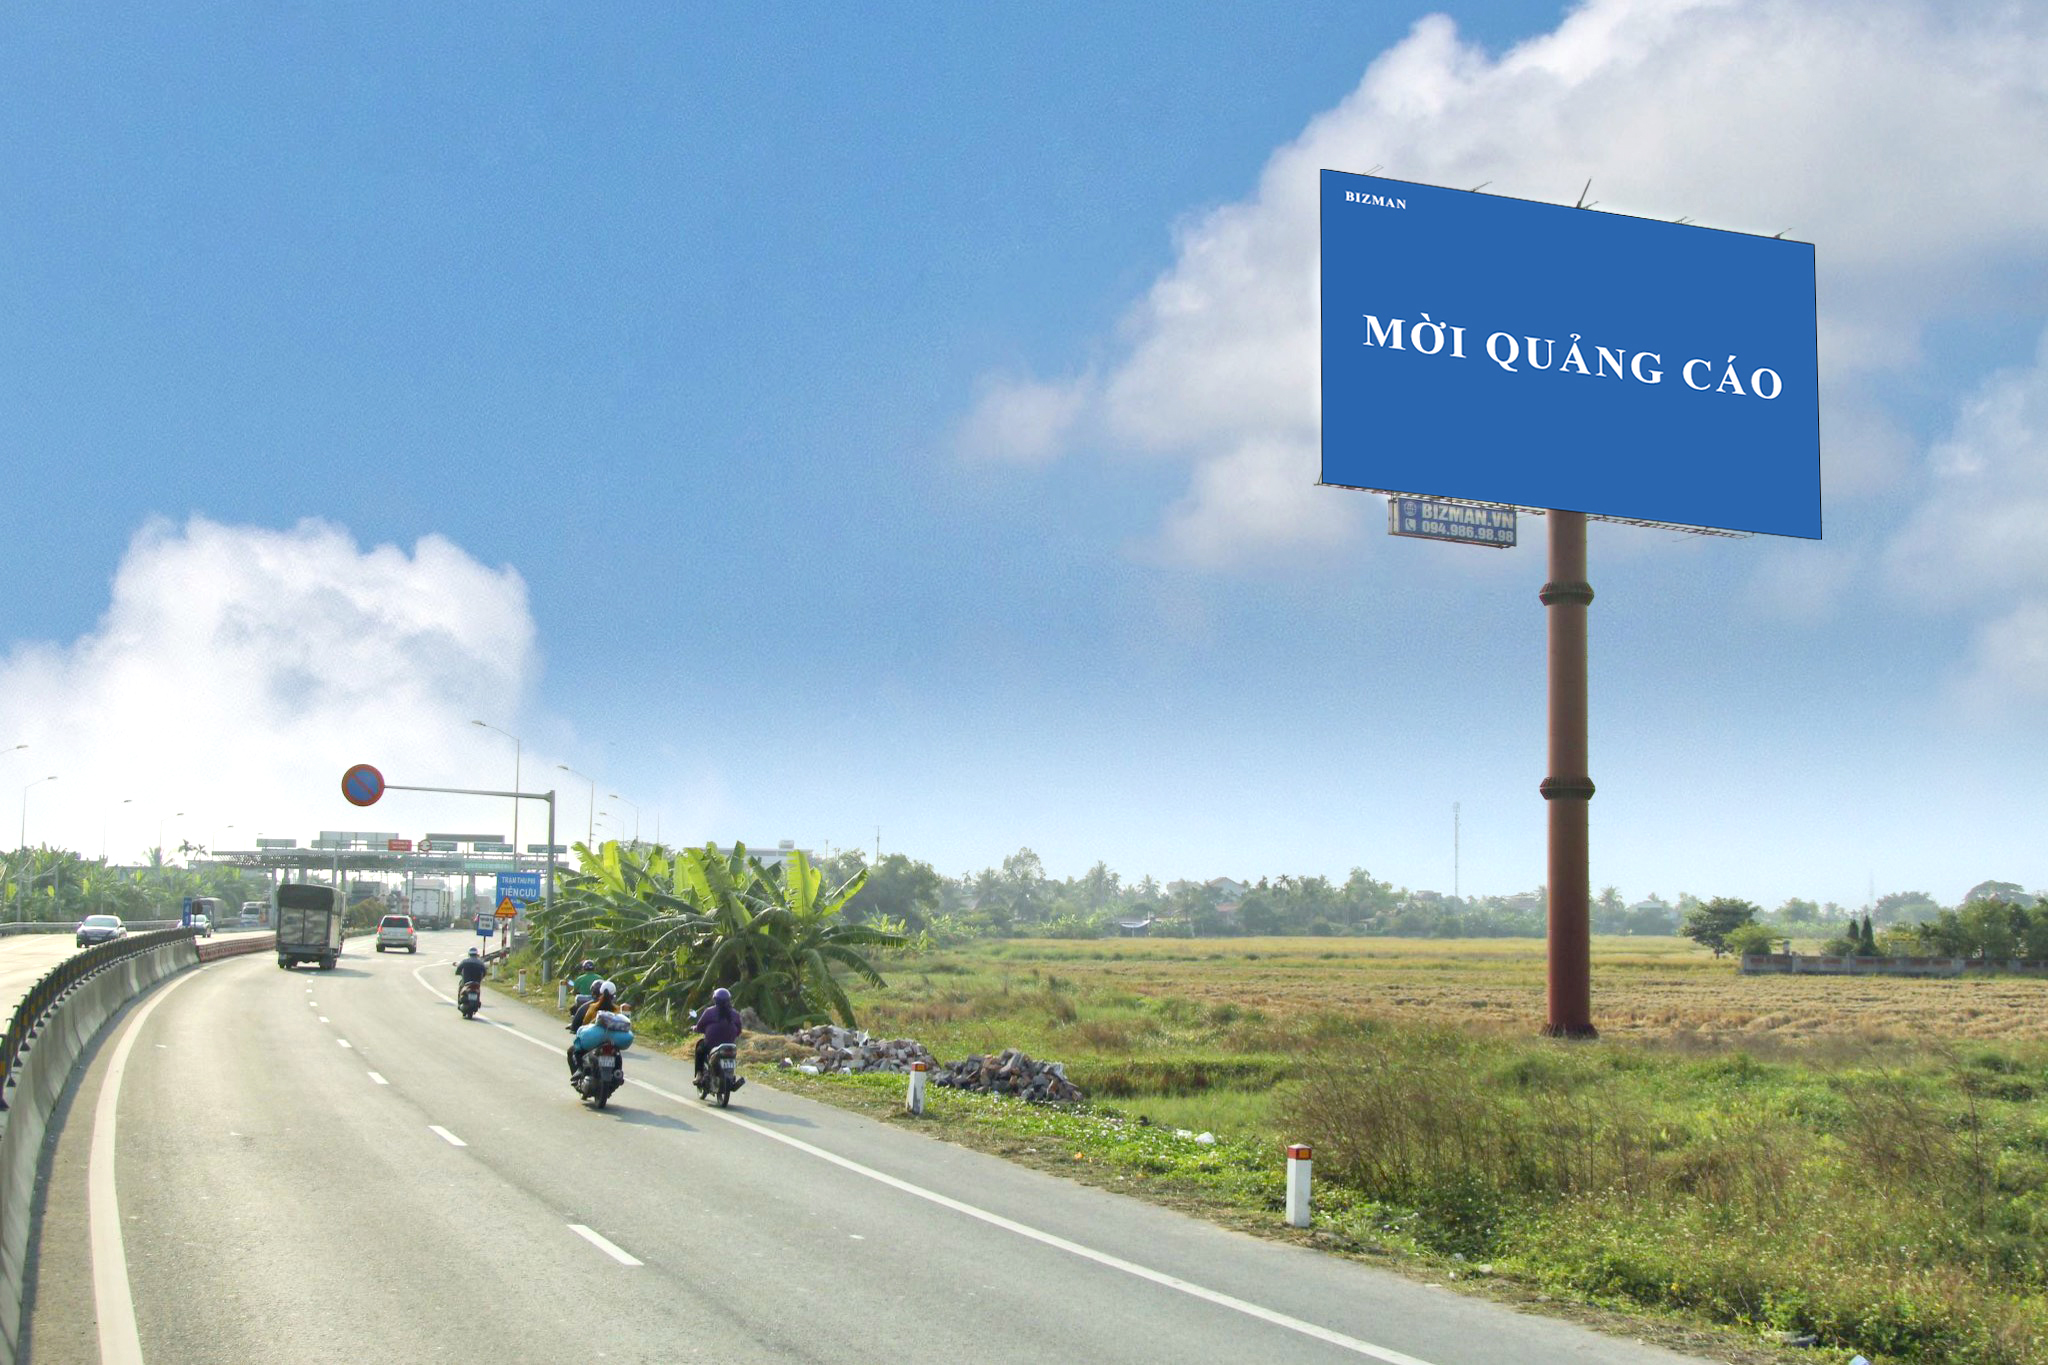 Vị trí Km41: Trạm thu phí Tiên Cựu, trên tuyến QL10, đoạn qua Tp.Hải Phòng